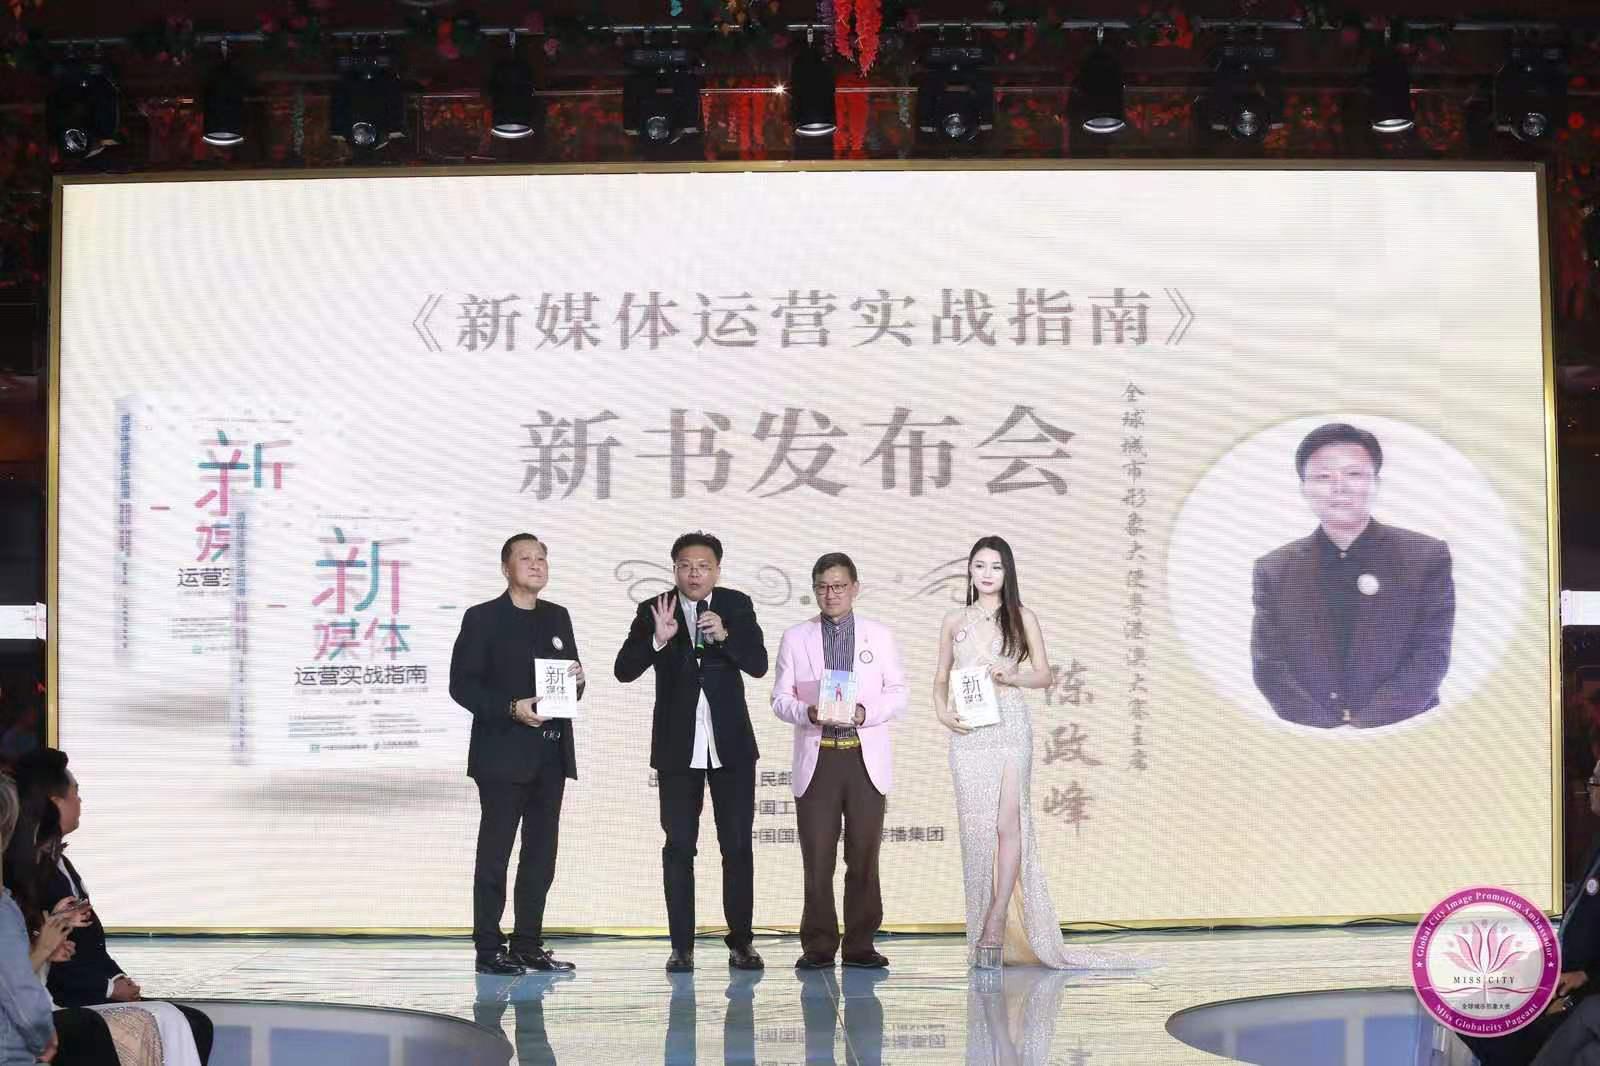 陈政峰篇作新媒体运营实战指南新书发布